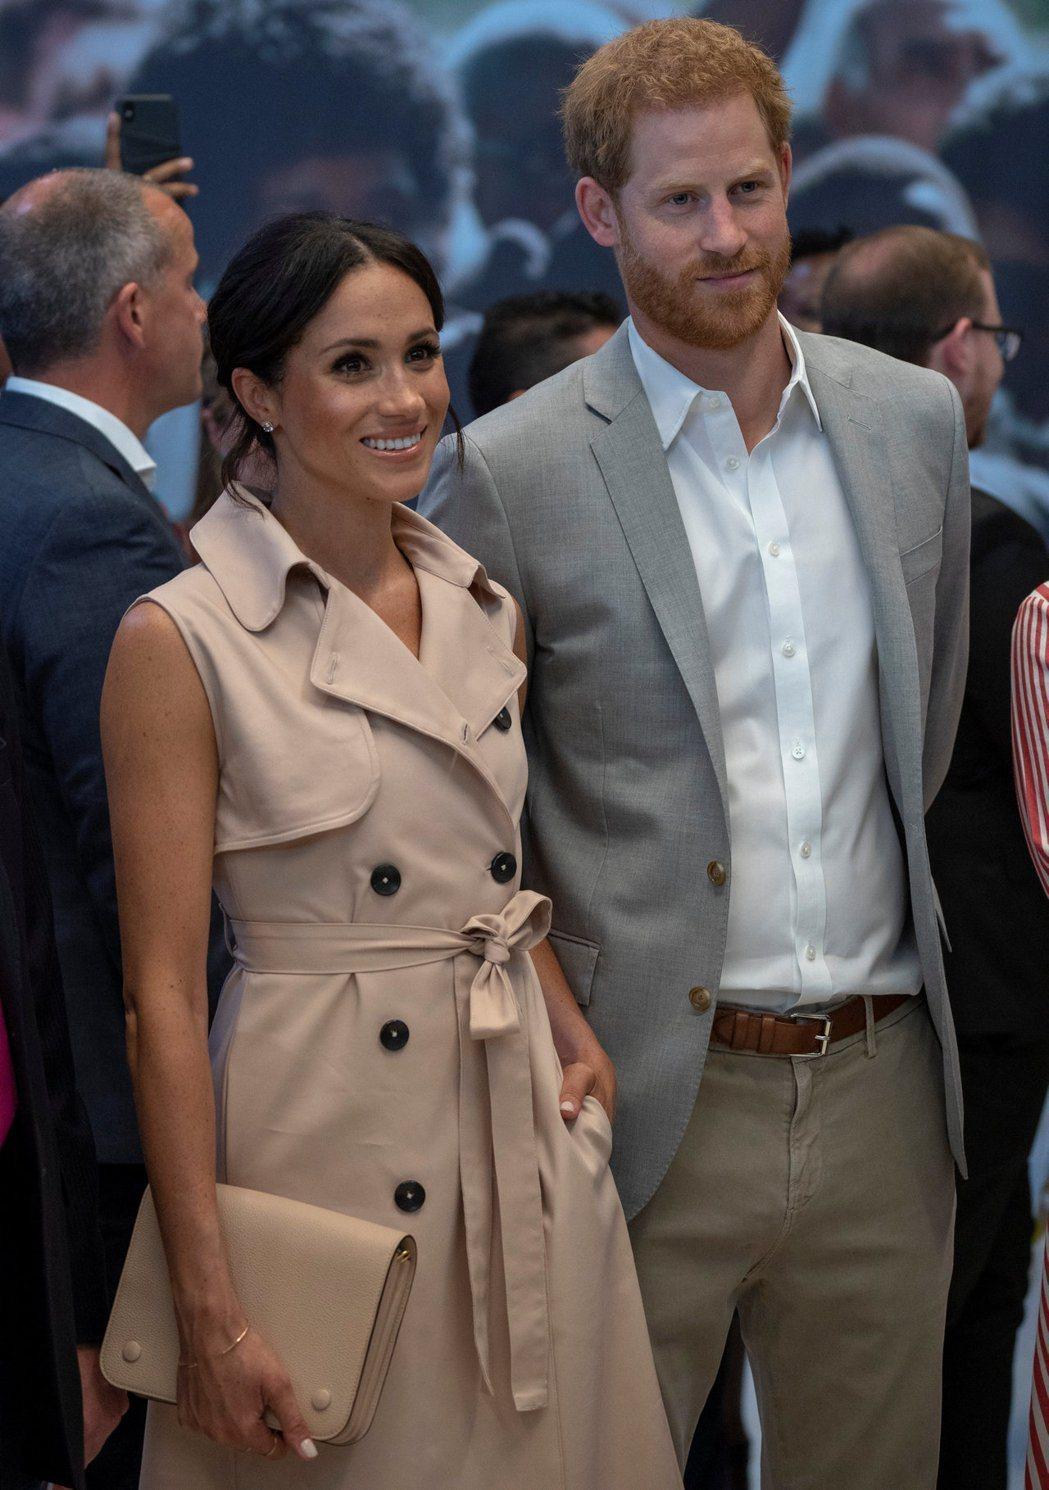 哈利王子(右)與梅根馬克爾(左)將與皇室成員一起度過跨年,準備明年迎接新生命。(...